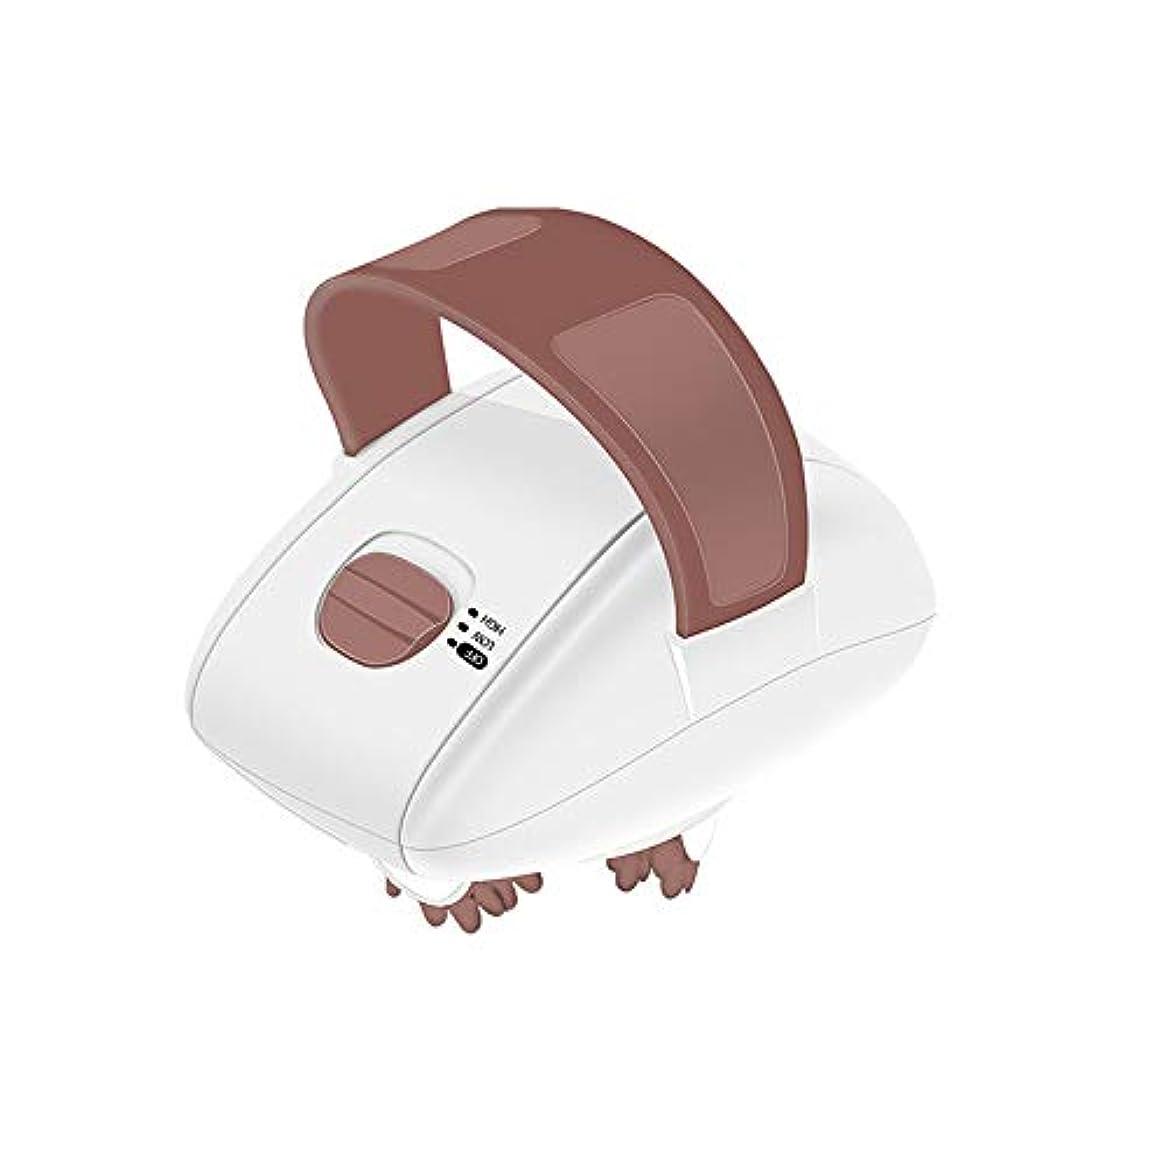 かける蜜浴室3d 電気顔のマッサージの顔スリムマッサージローラーハンドヘルド顔リフティング脂肪燃焼体抗セルライトマシン重量を失う,Brown